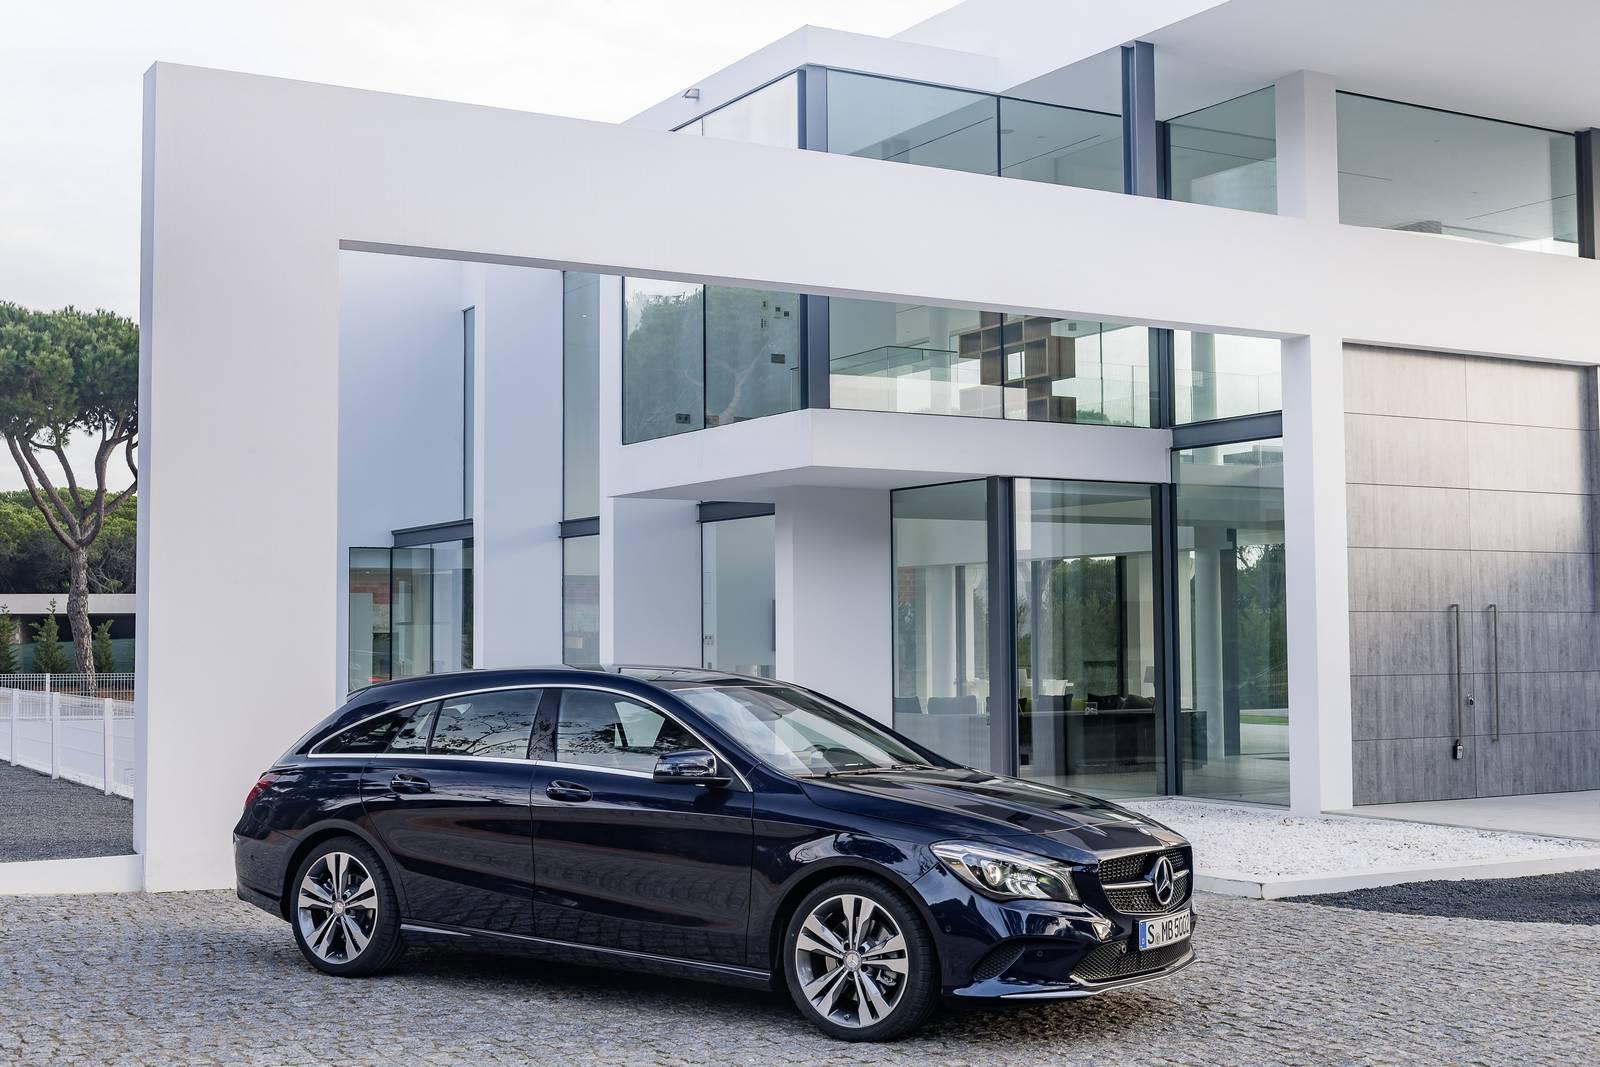 http://gtspirit.com/wp-content/uploads/2016/03/Mercedes-Benz-CLA-Shooting-Brake-7.jpg